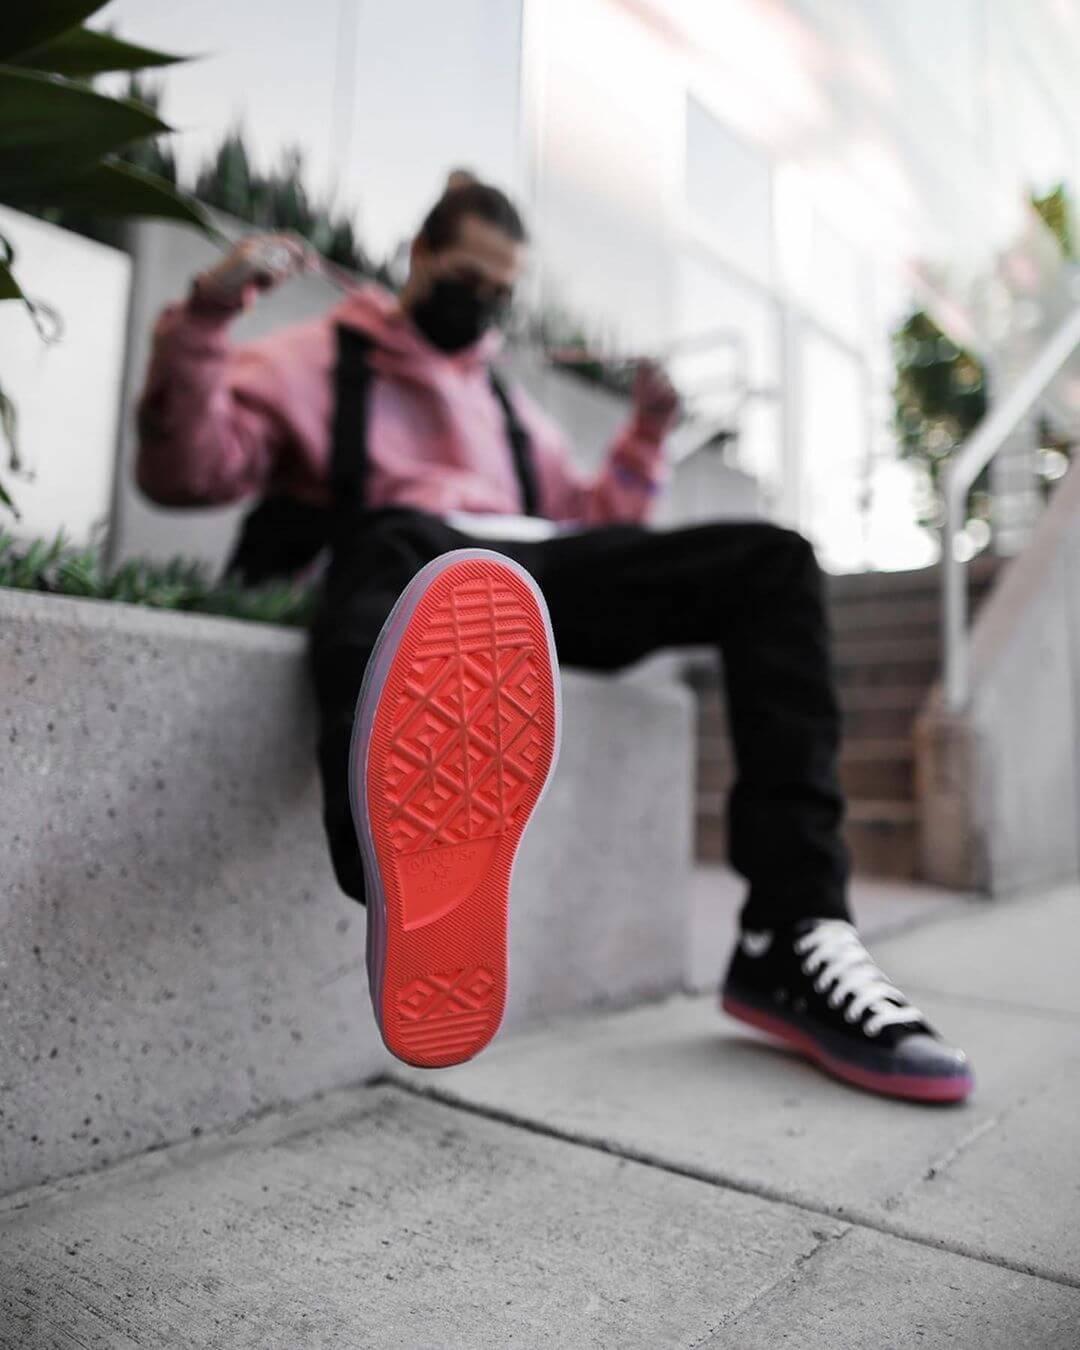 foot kicking toward camera